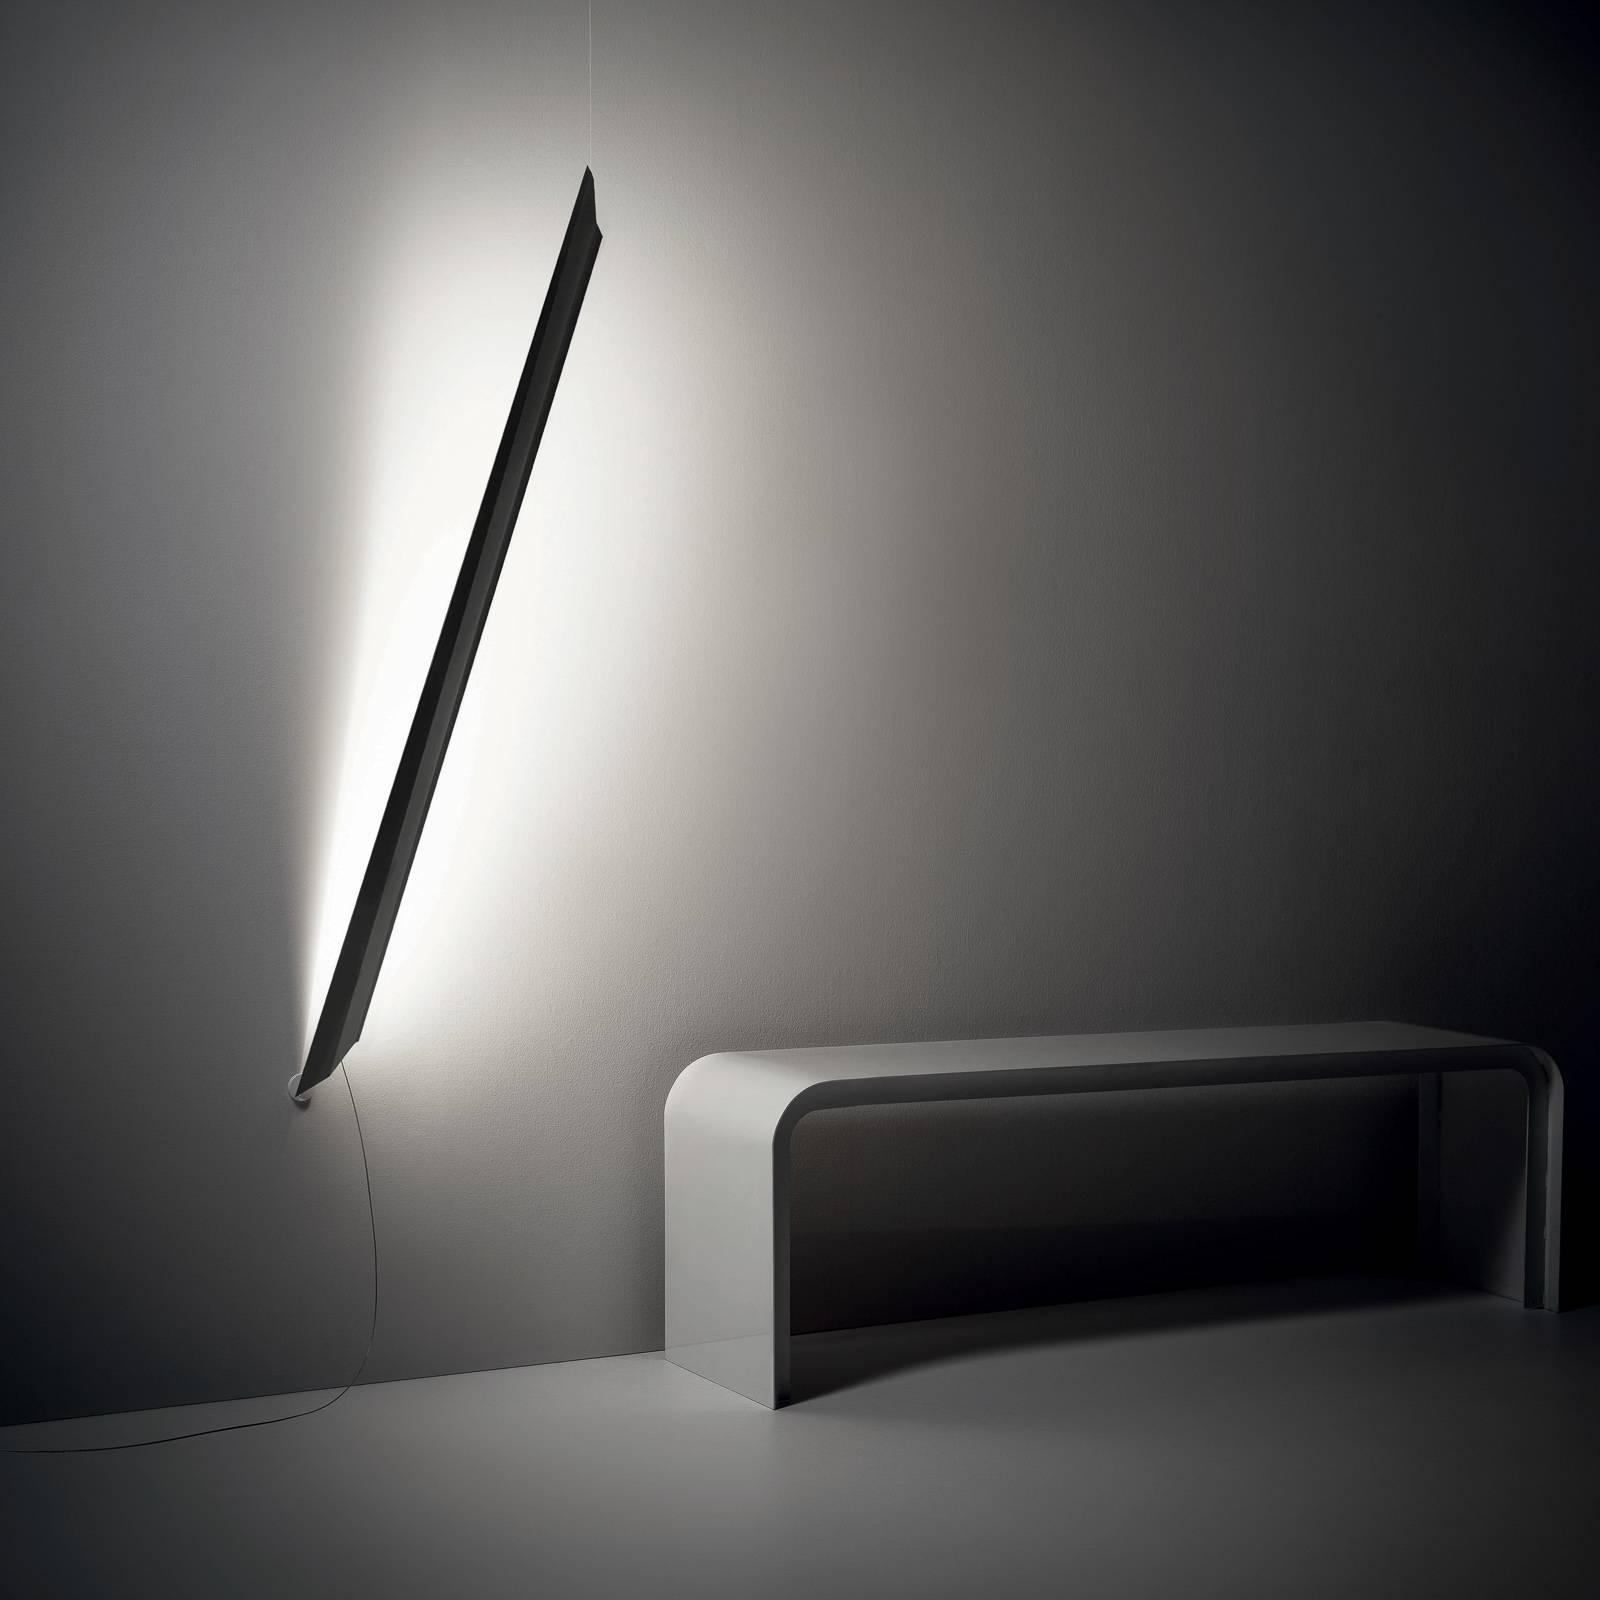 Knikerboker Schegge LED wandlamp, zwart mat